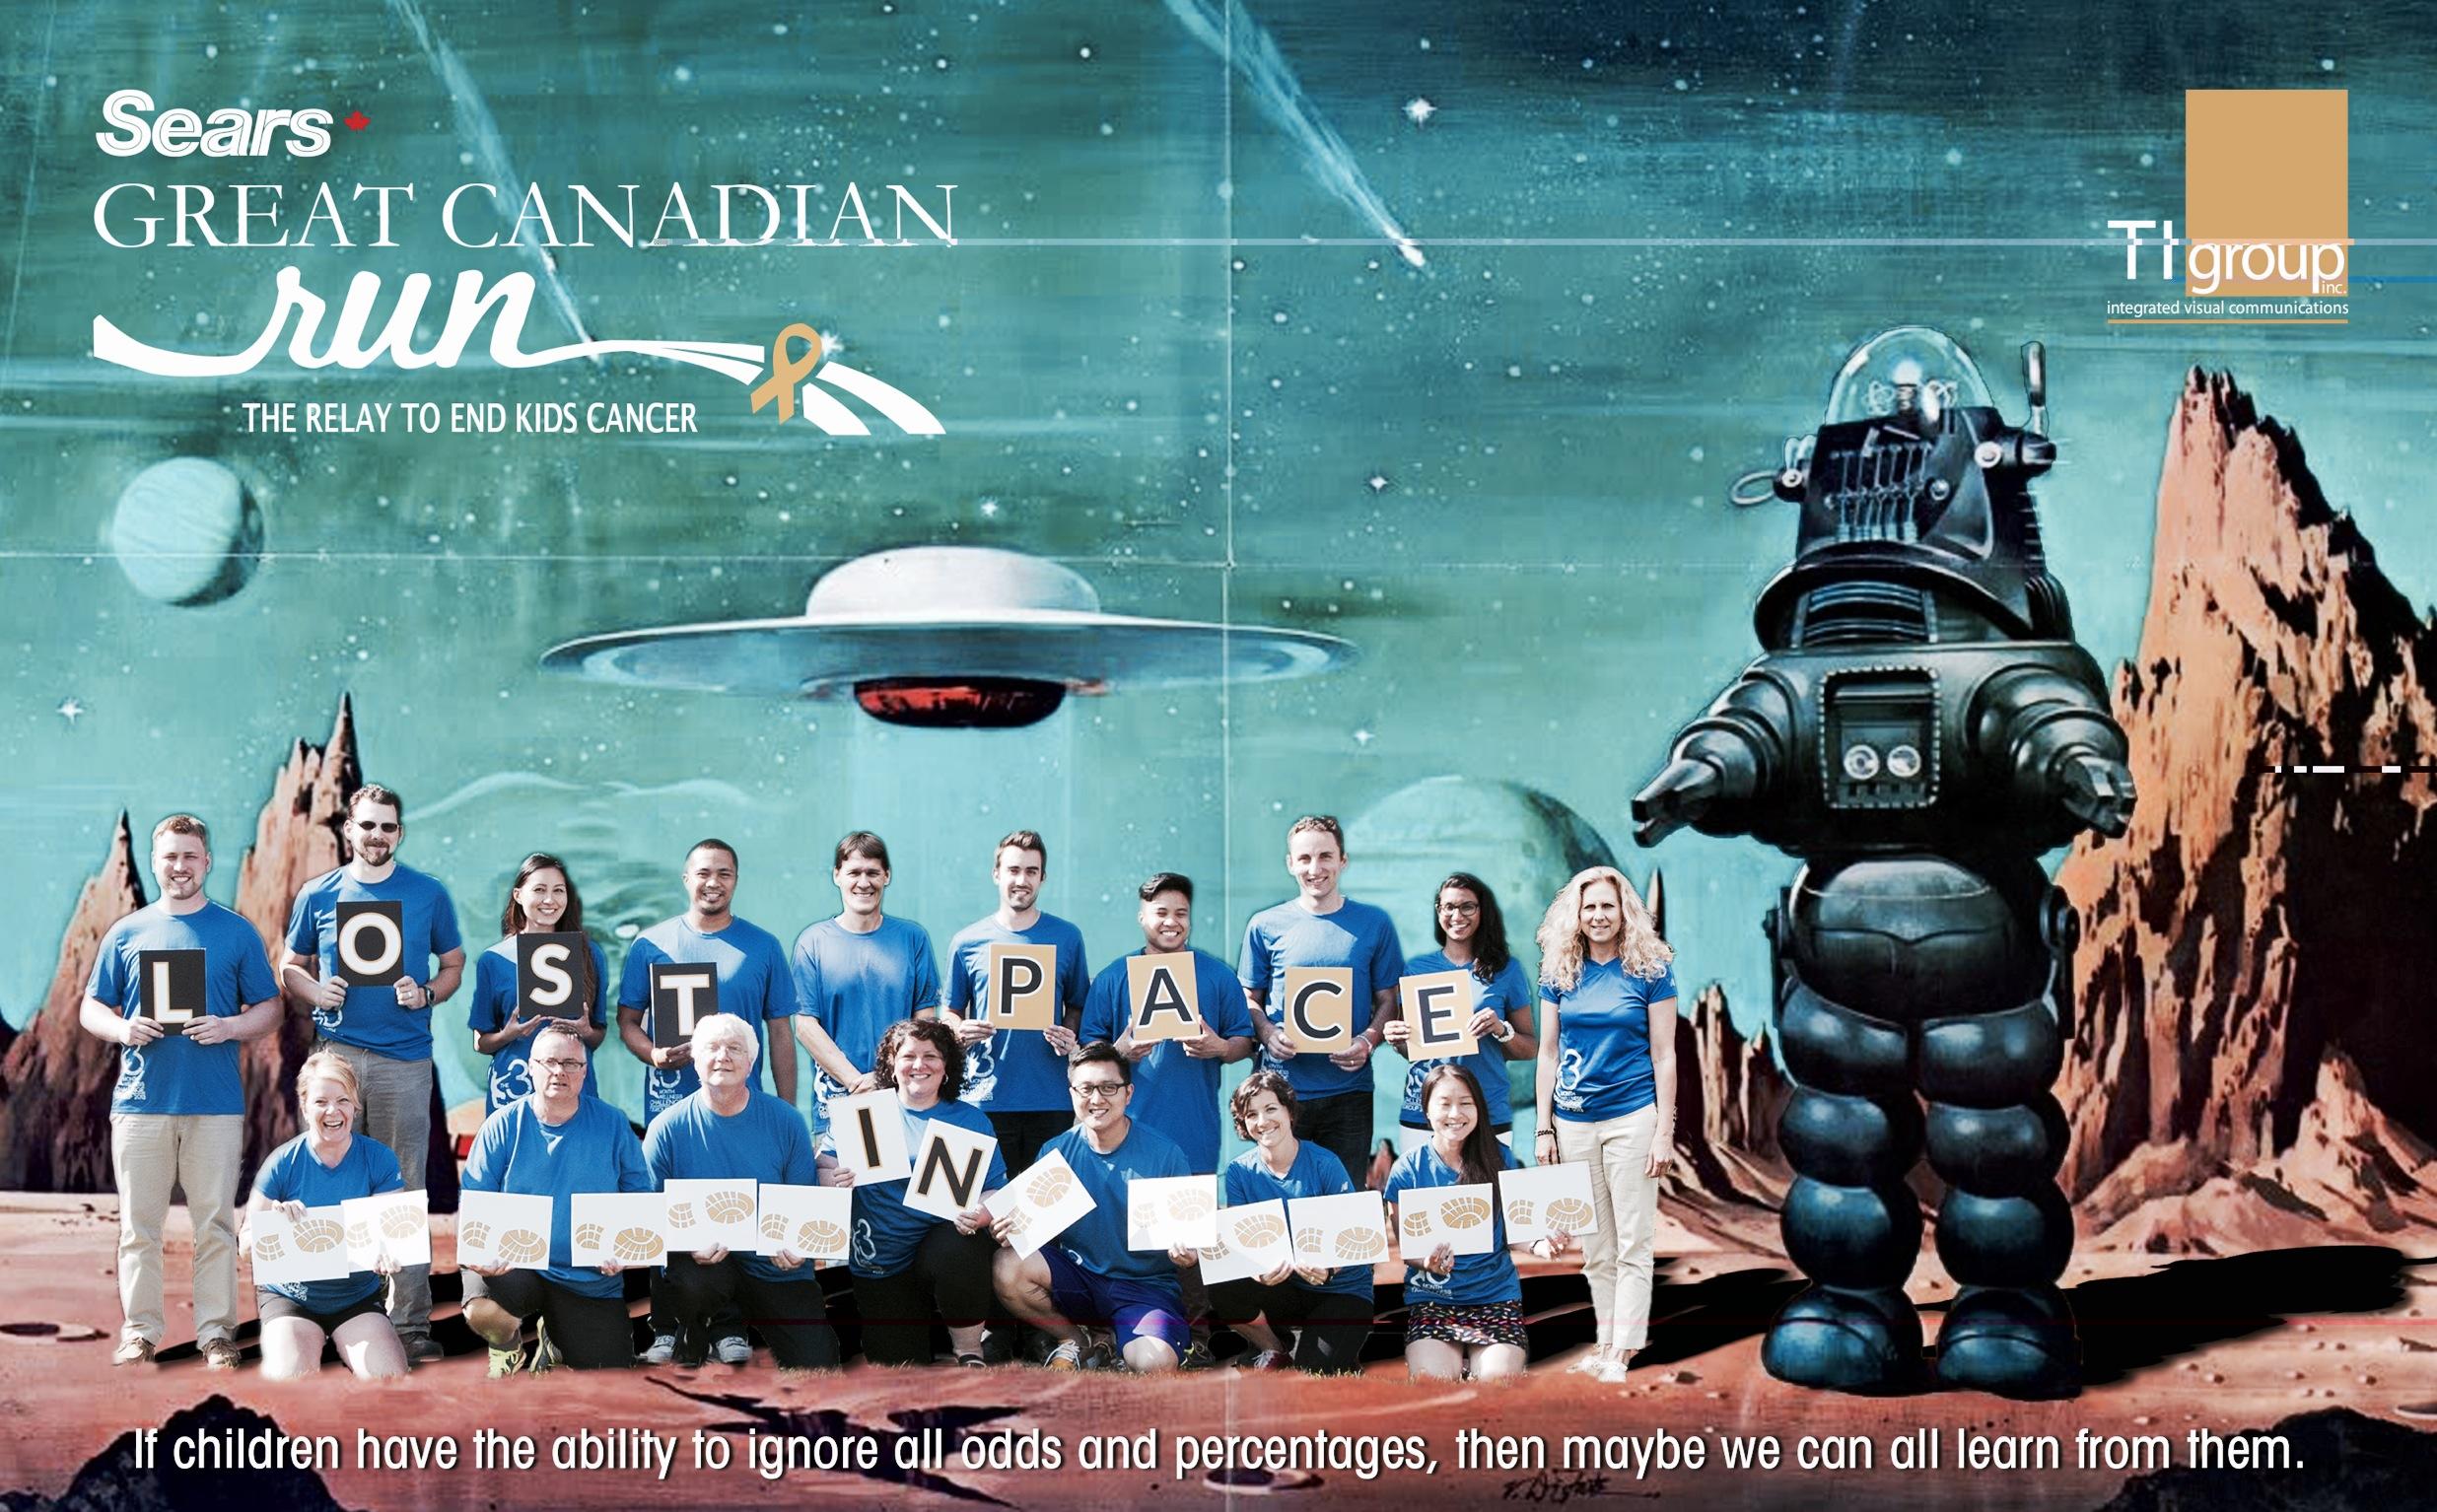 TI Group - Sears Great Canadian Run